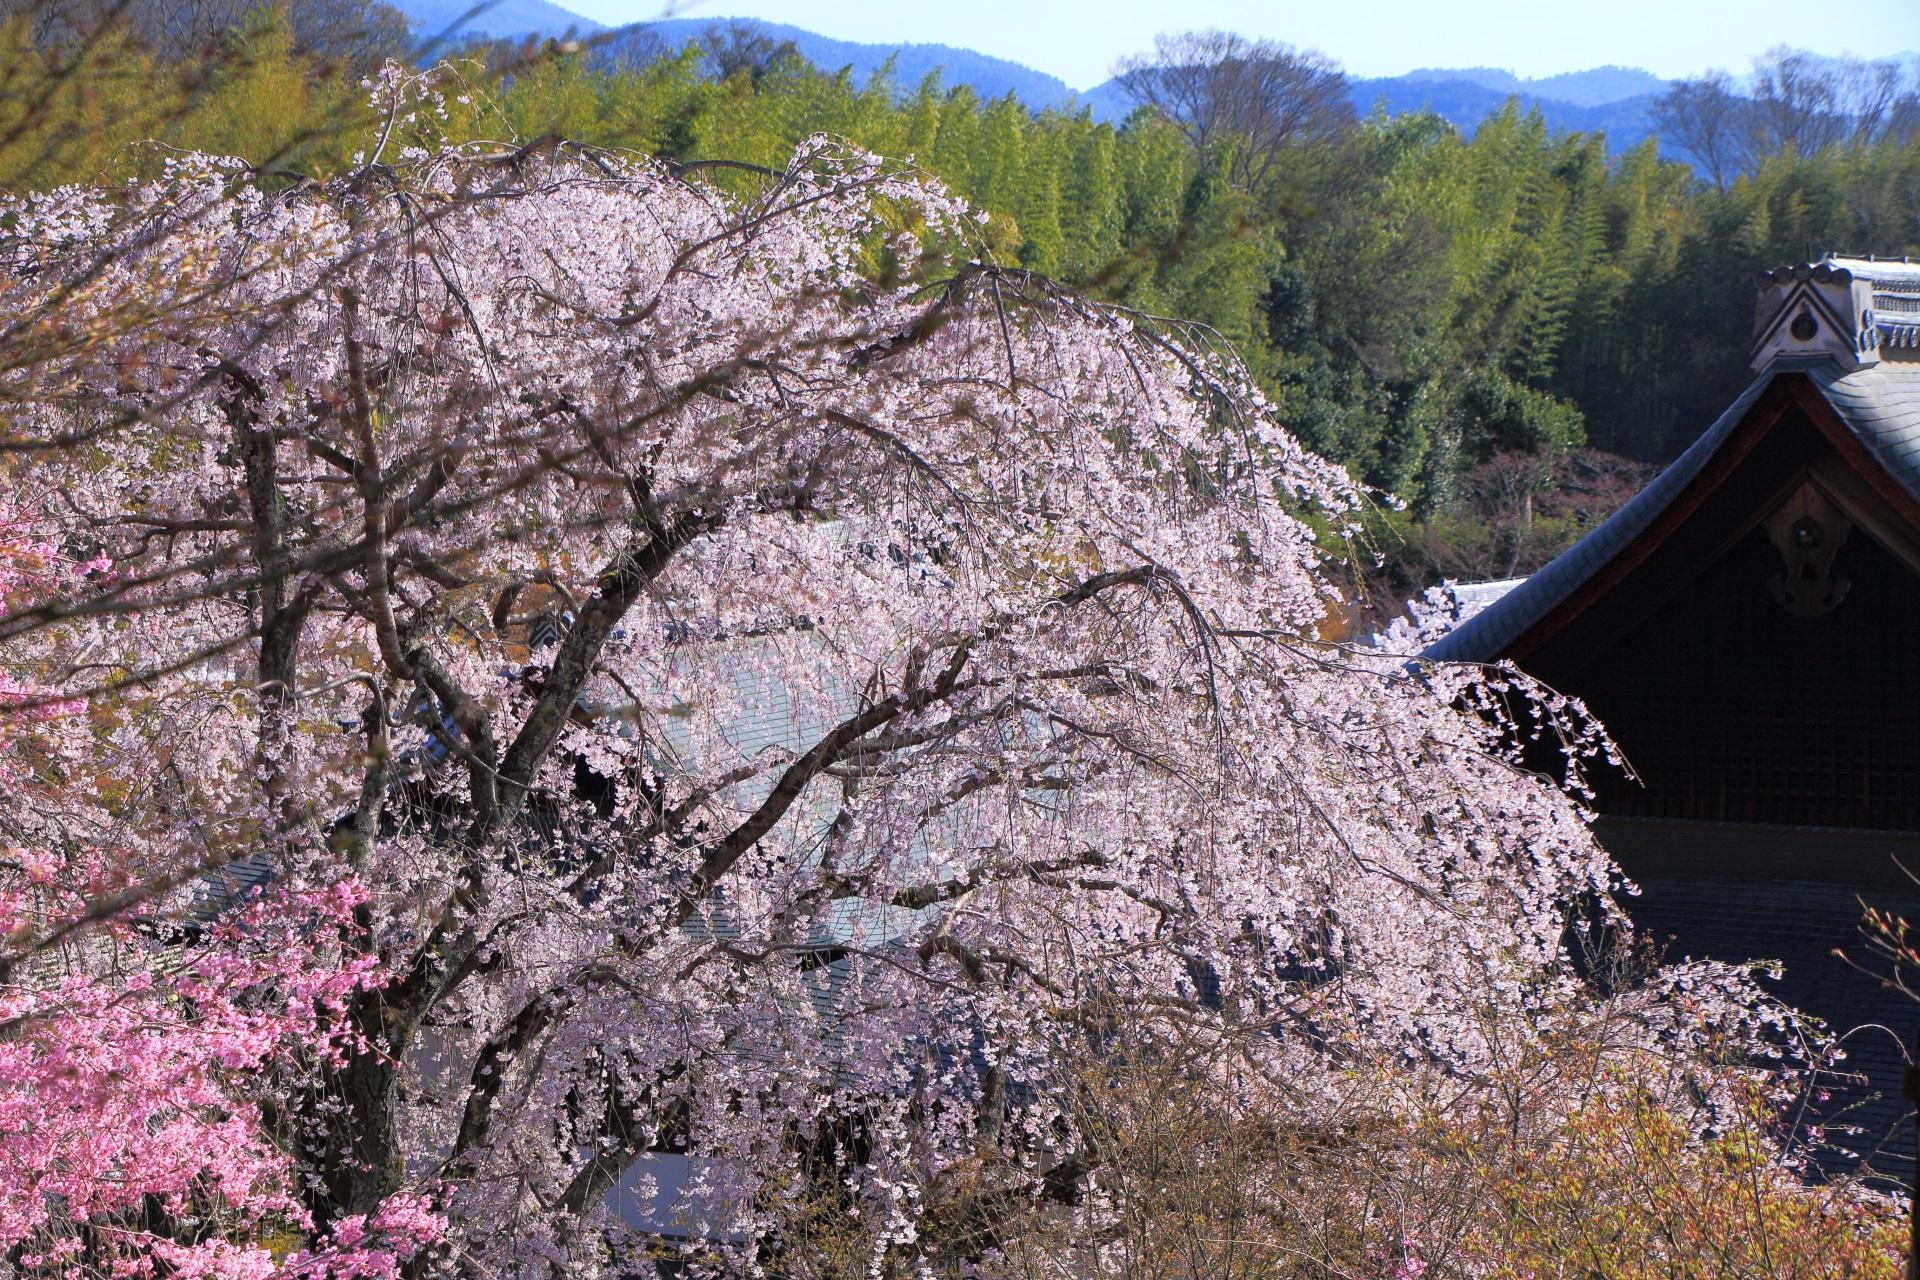 天龍寺の伽藍を染める華やかな桜